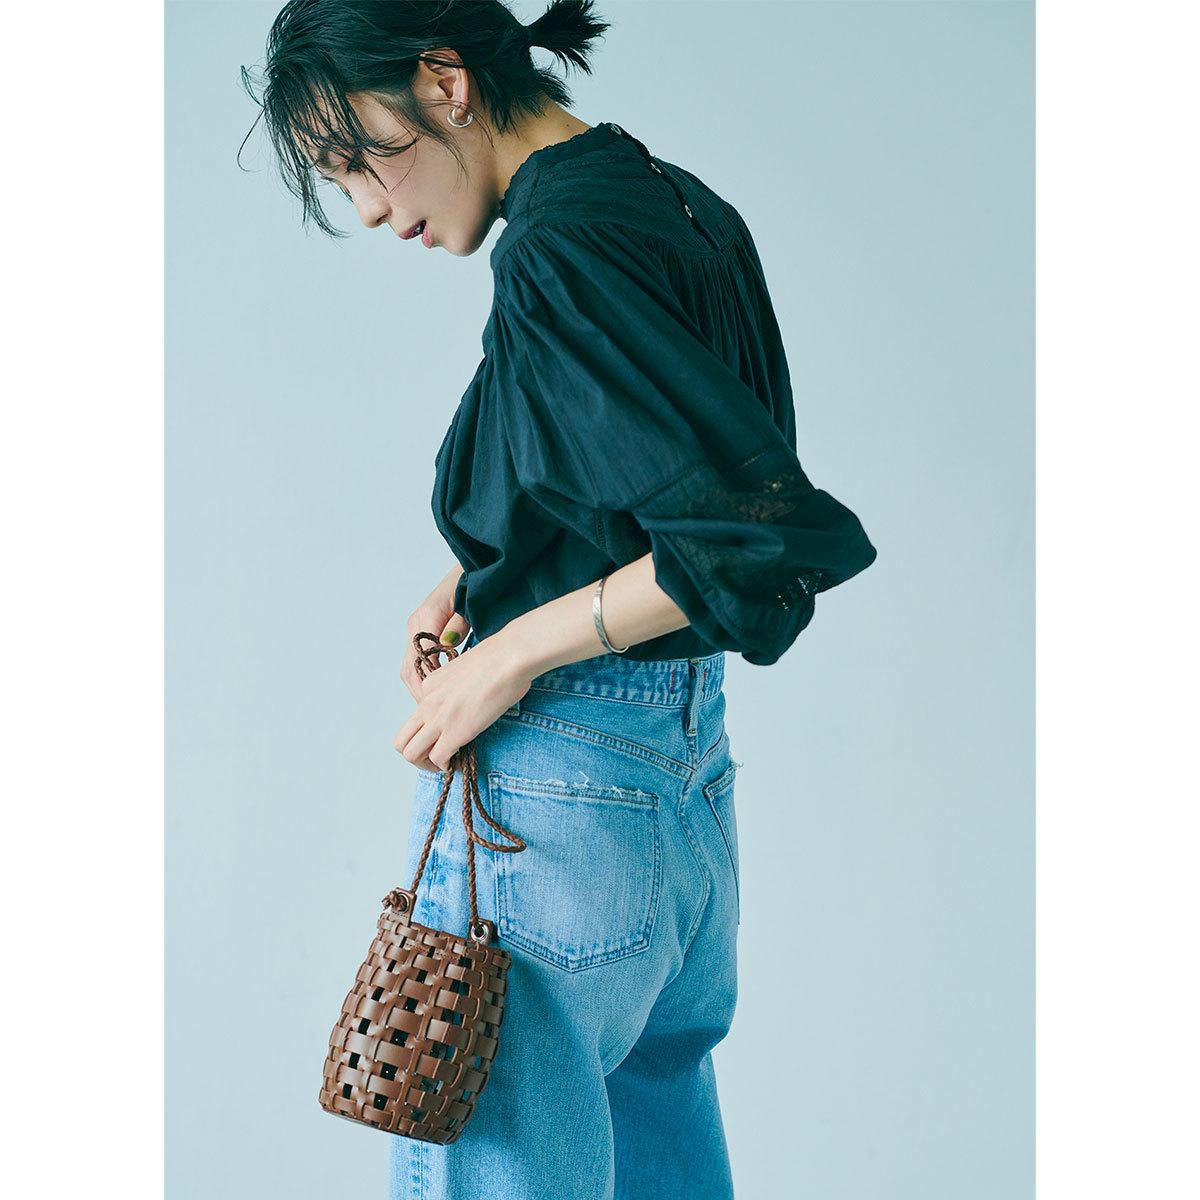 立体的なレザー編みショルダーが新鮮。スマホと財布が入るサイズ感。